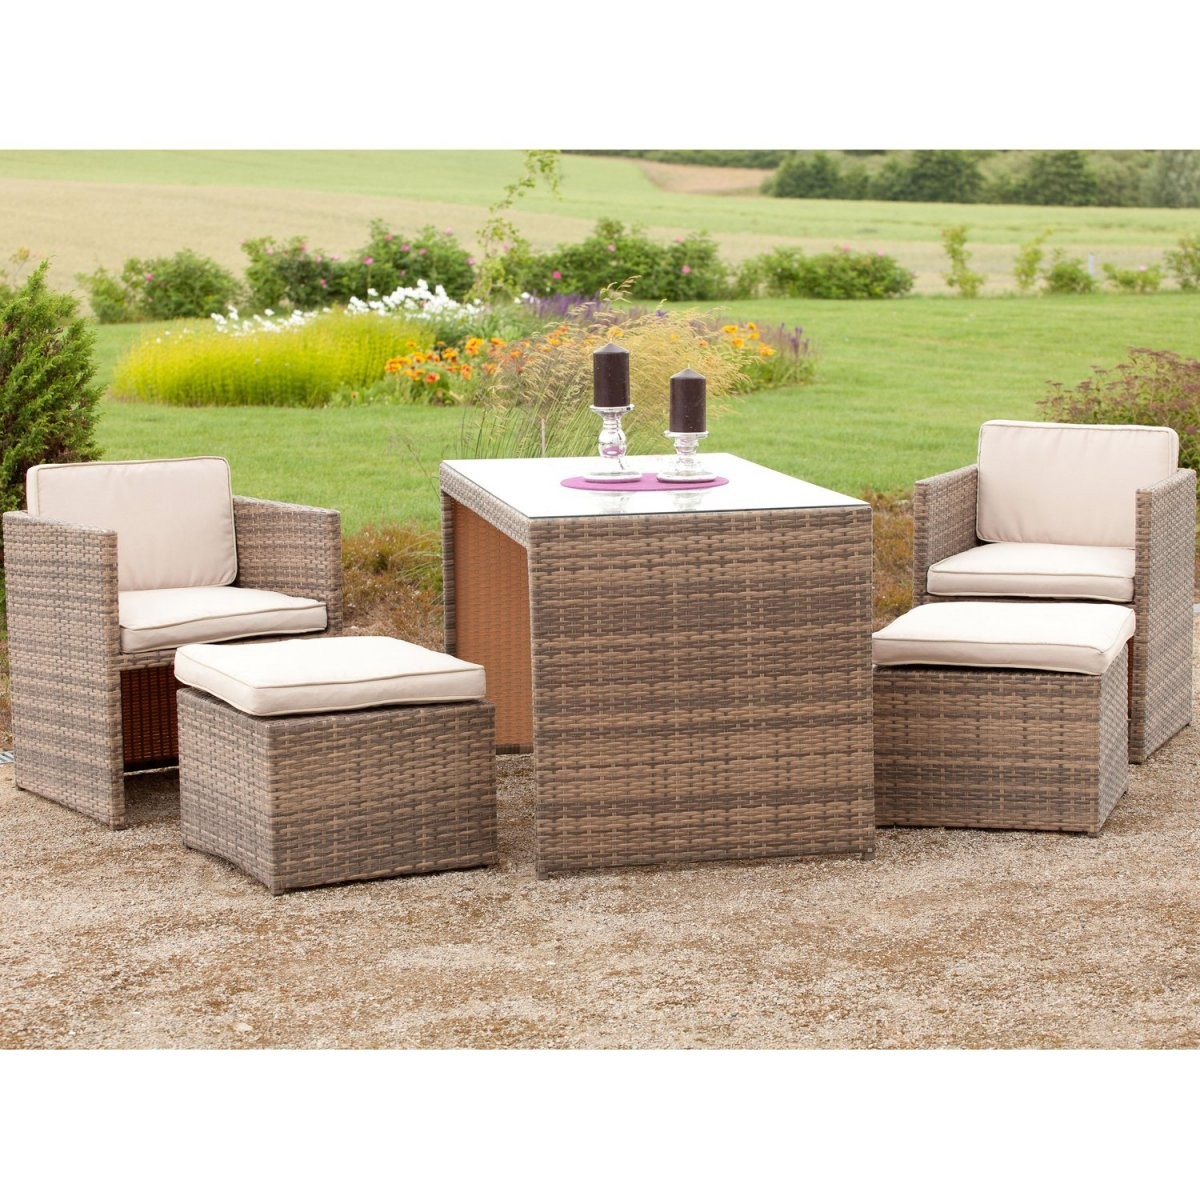 Gartenmöbel Kaufen  In Großer Auswahl Bei Obi von Gartenmöbel Set Rattan Obi Bild